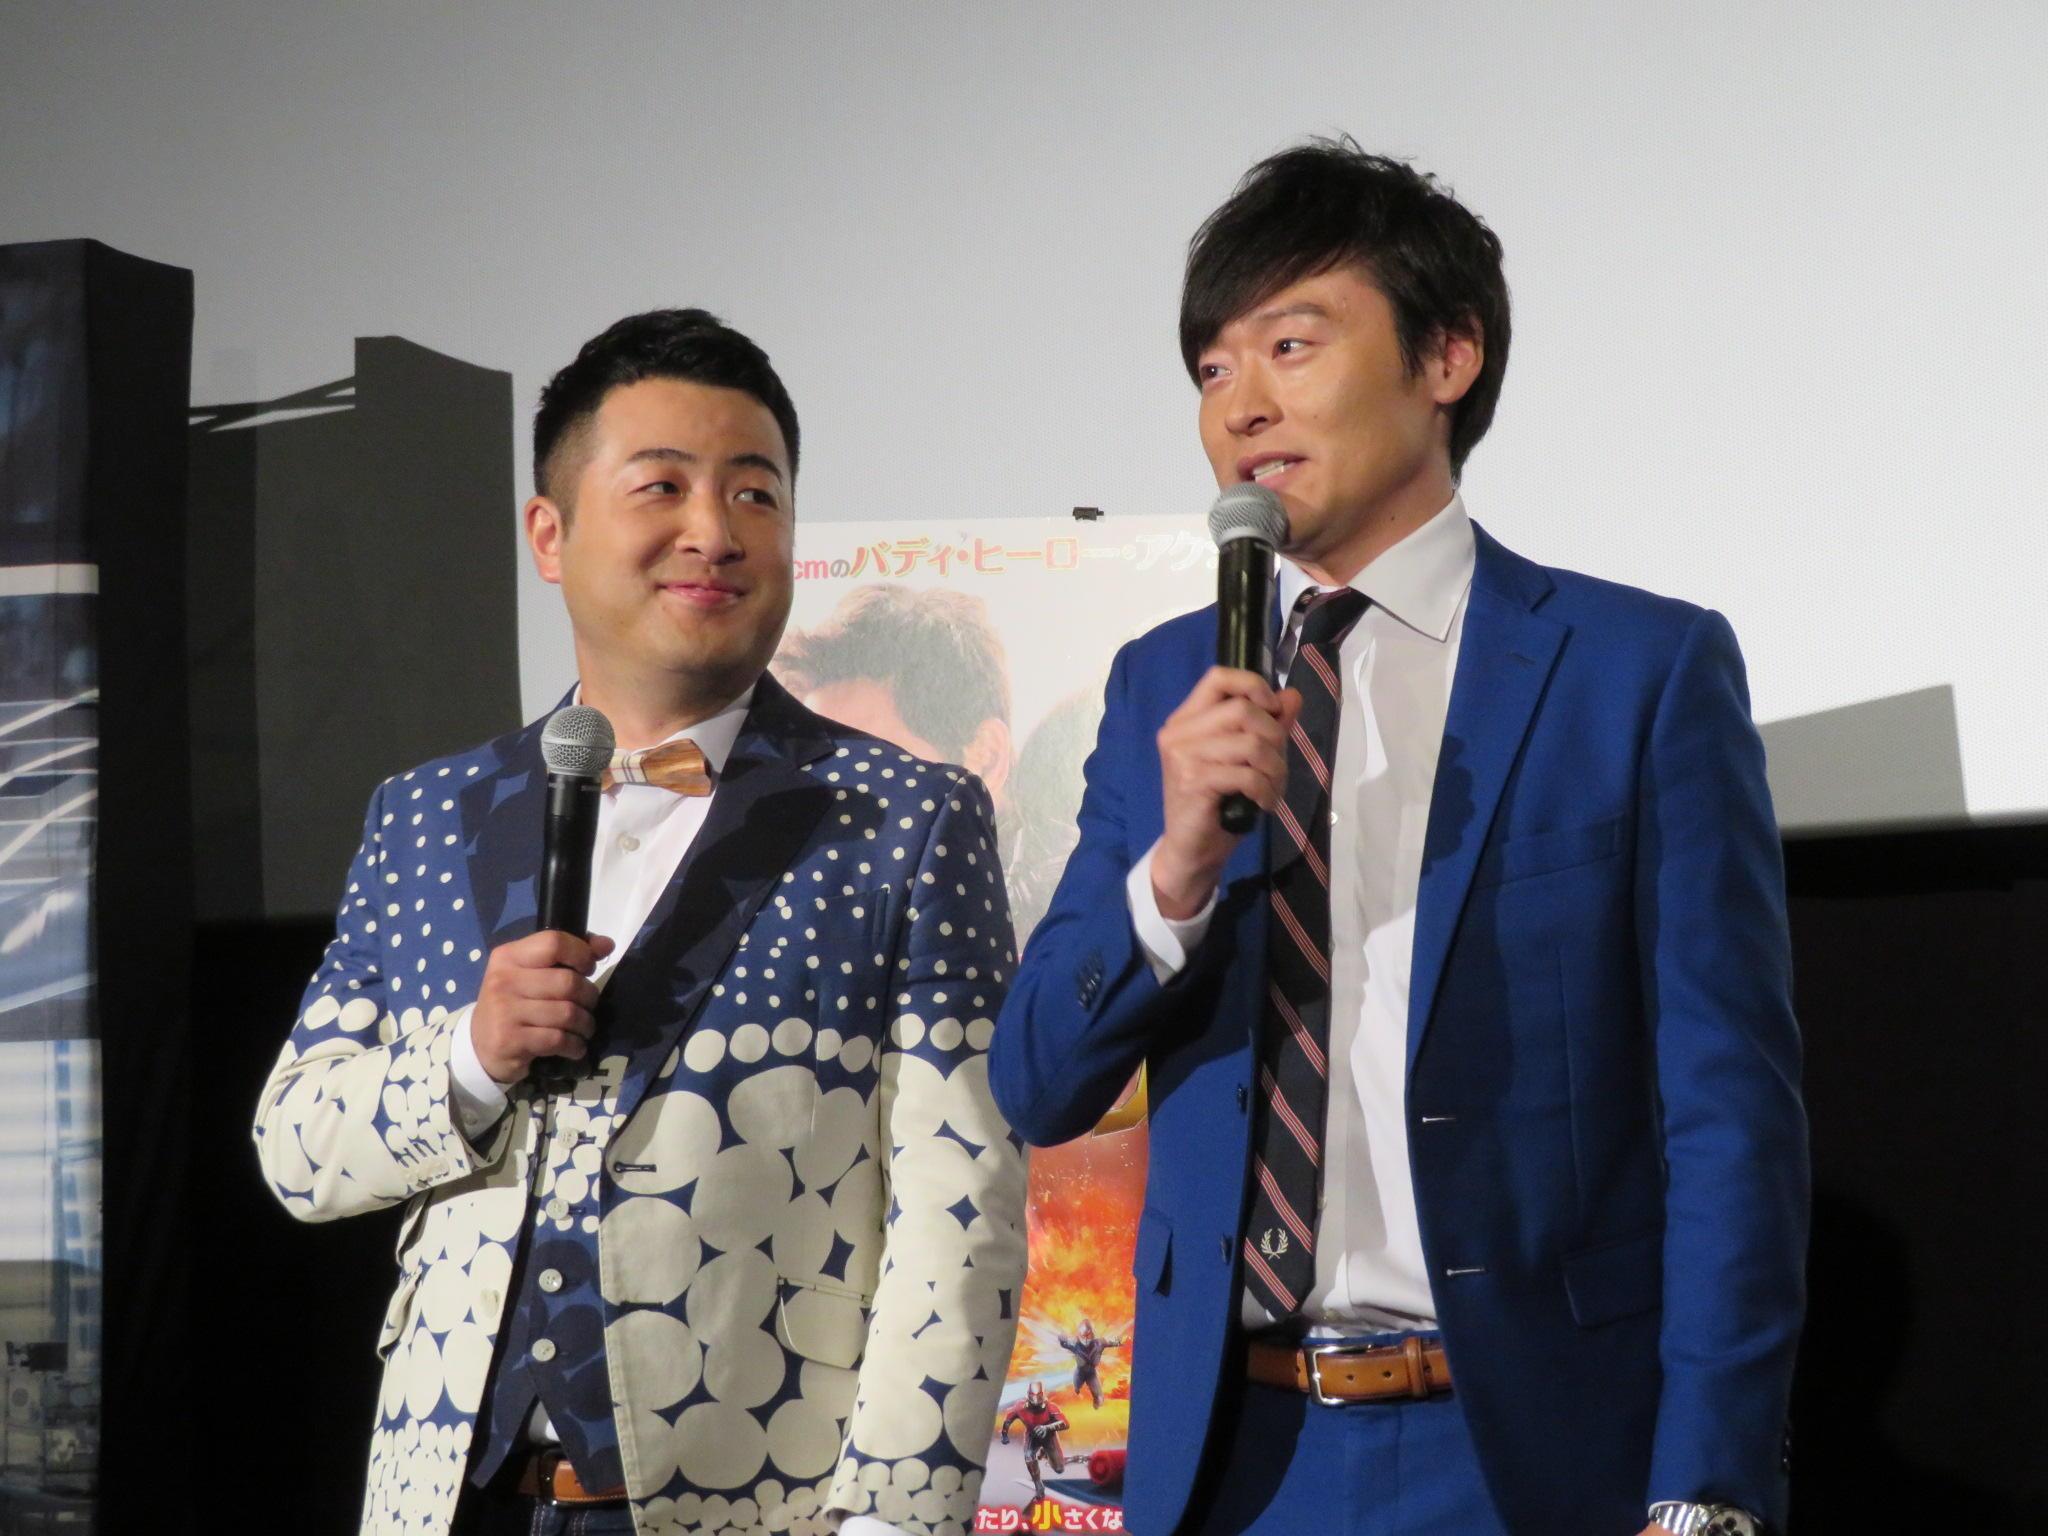 http://news.yoshimoto.co.jp/20180810020635-c5c02cfcd82719a5486e78cee2013e349813a7bc.jpg